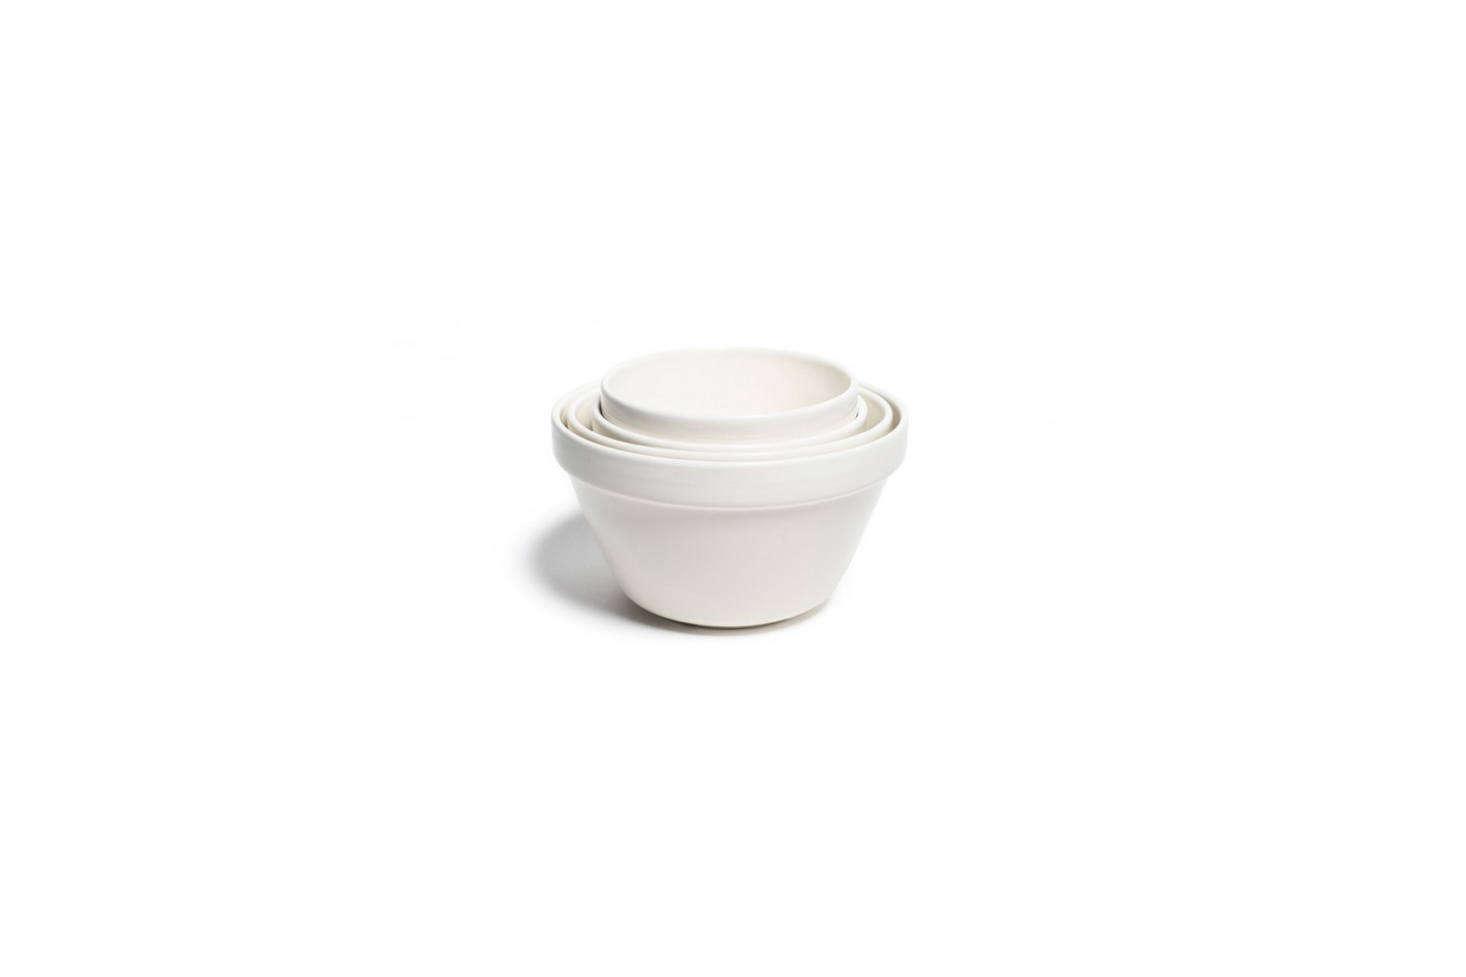 Mason Cash White Glazed Mixing Bowls start at $.99 for the 0.-quart size on Amazon.